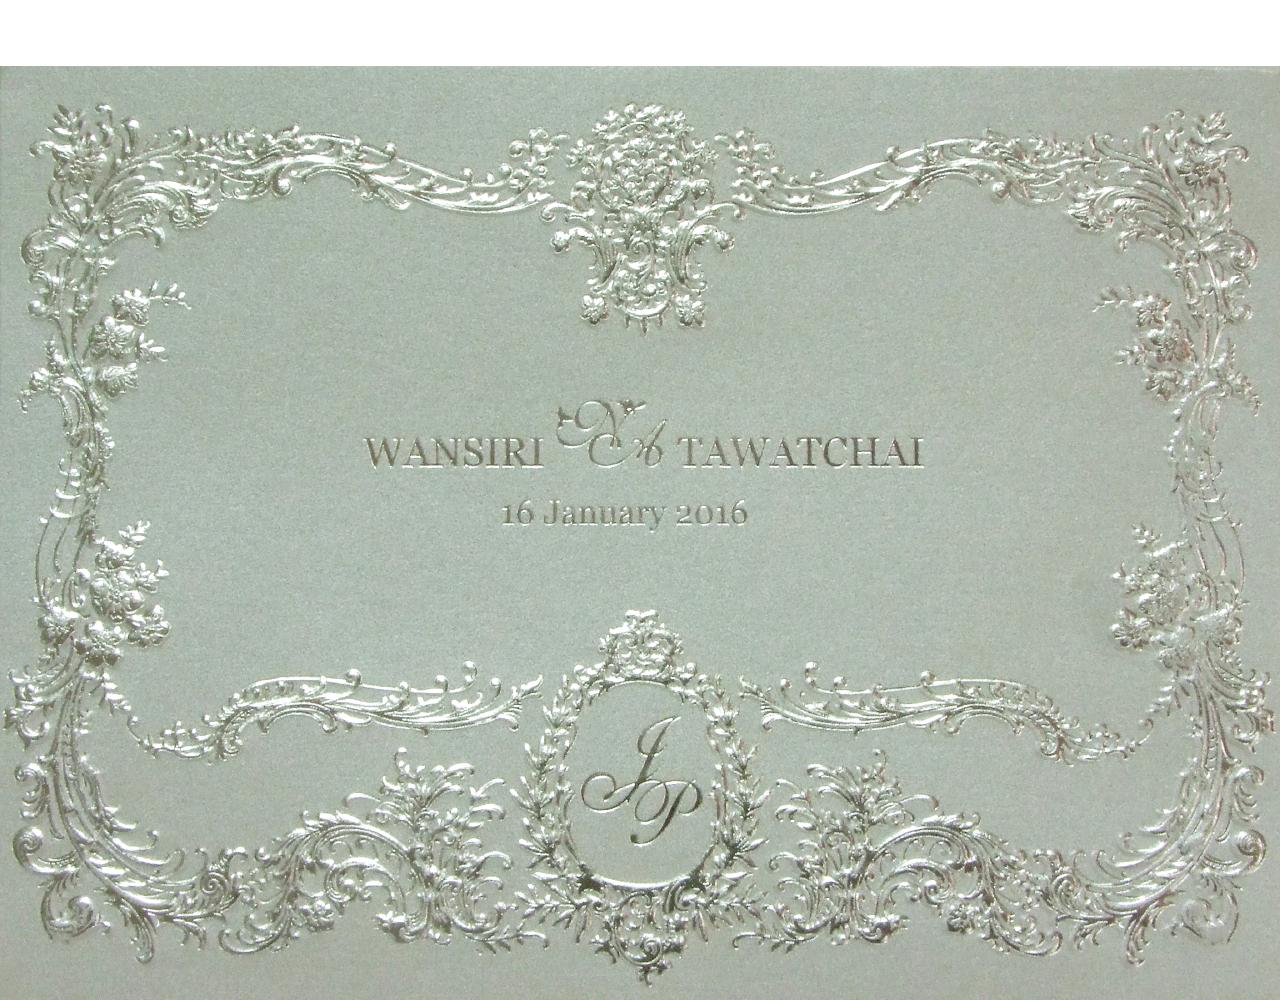 การ์ดแต่งงาน การ์ดเชิญ สีมุกเงิน สองพับ ปั๊มนูน พิมพ์เงิน พร้อมกระดาษไส้ใน wedding card 15.3 x 21.3 cm SP 1605 Silver ฿ 10.50